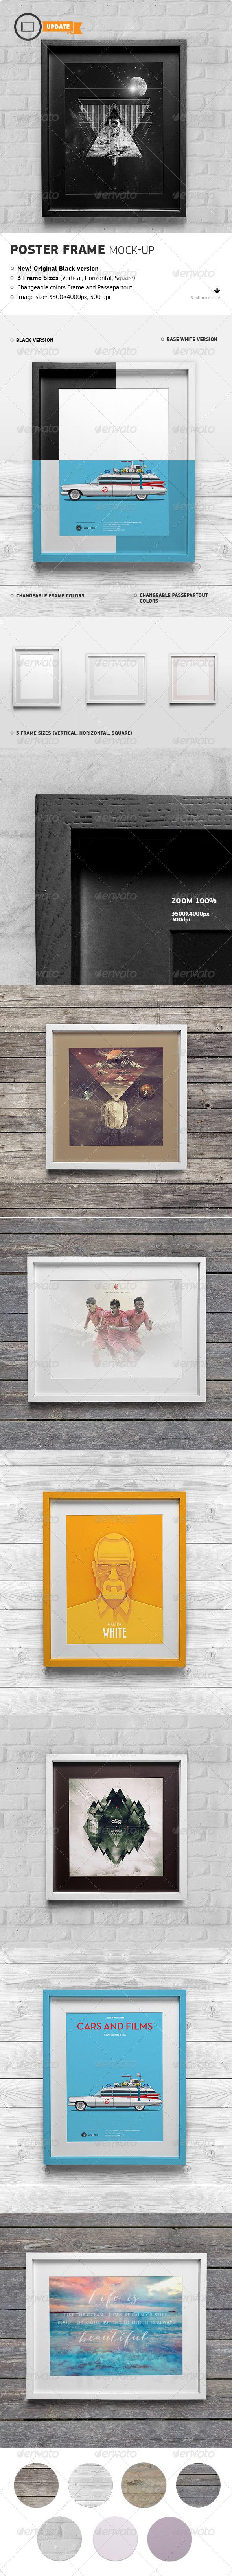 Poster Frame Mock-Up - Print Product Mock-Ups